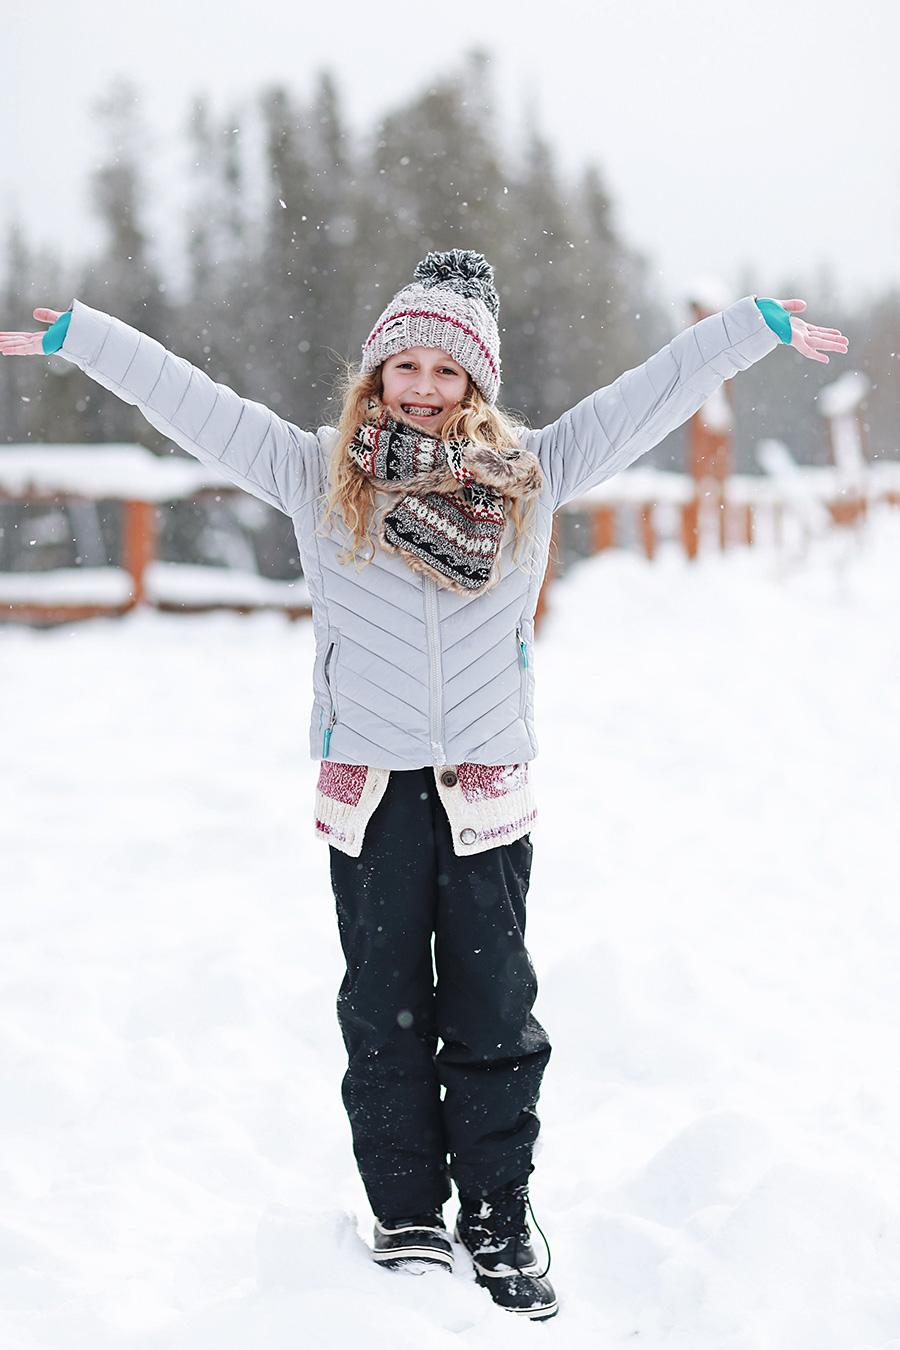 Snow Banff Canada